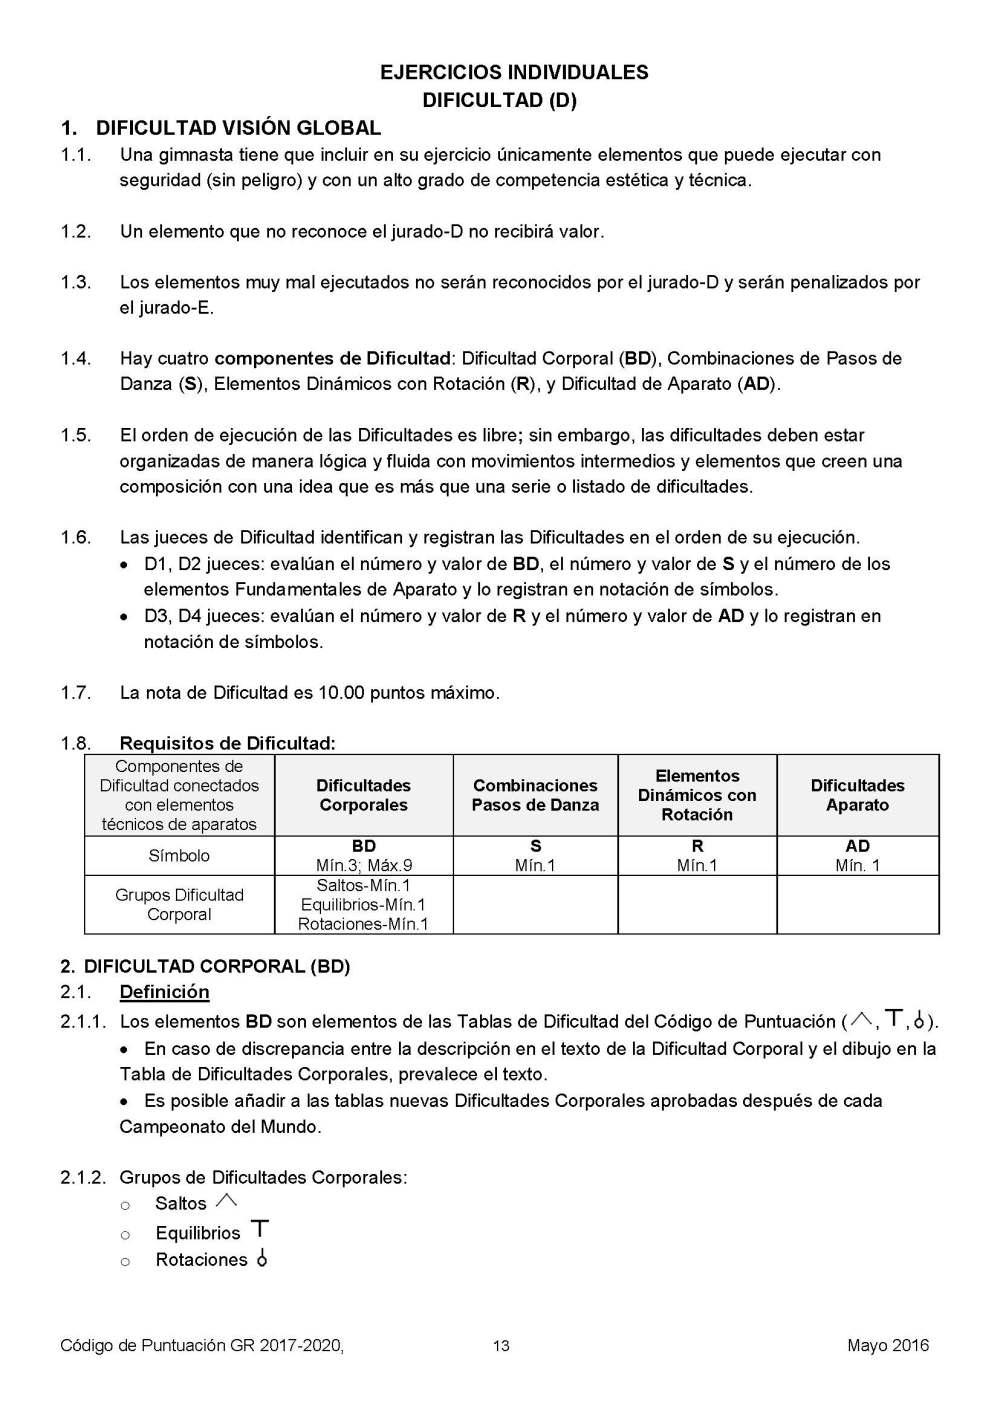 codigo20172020_Página_13